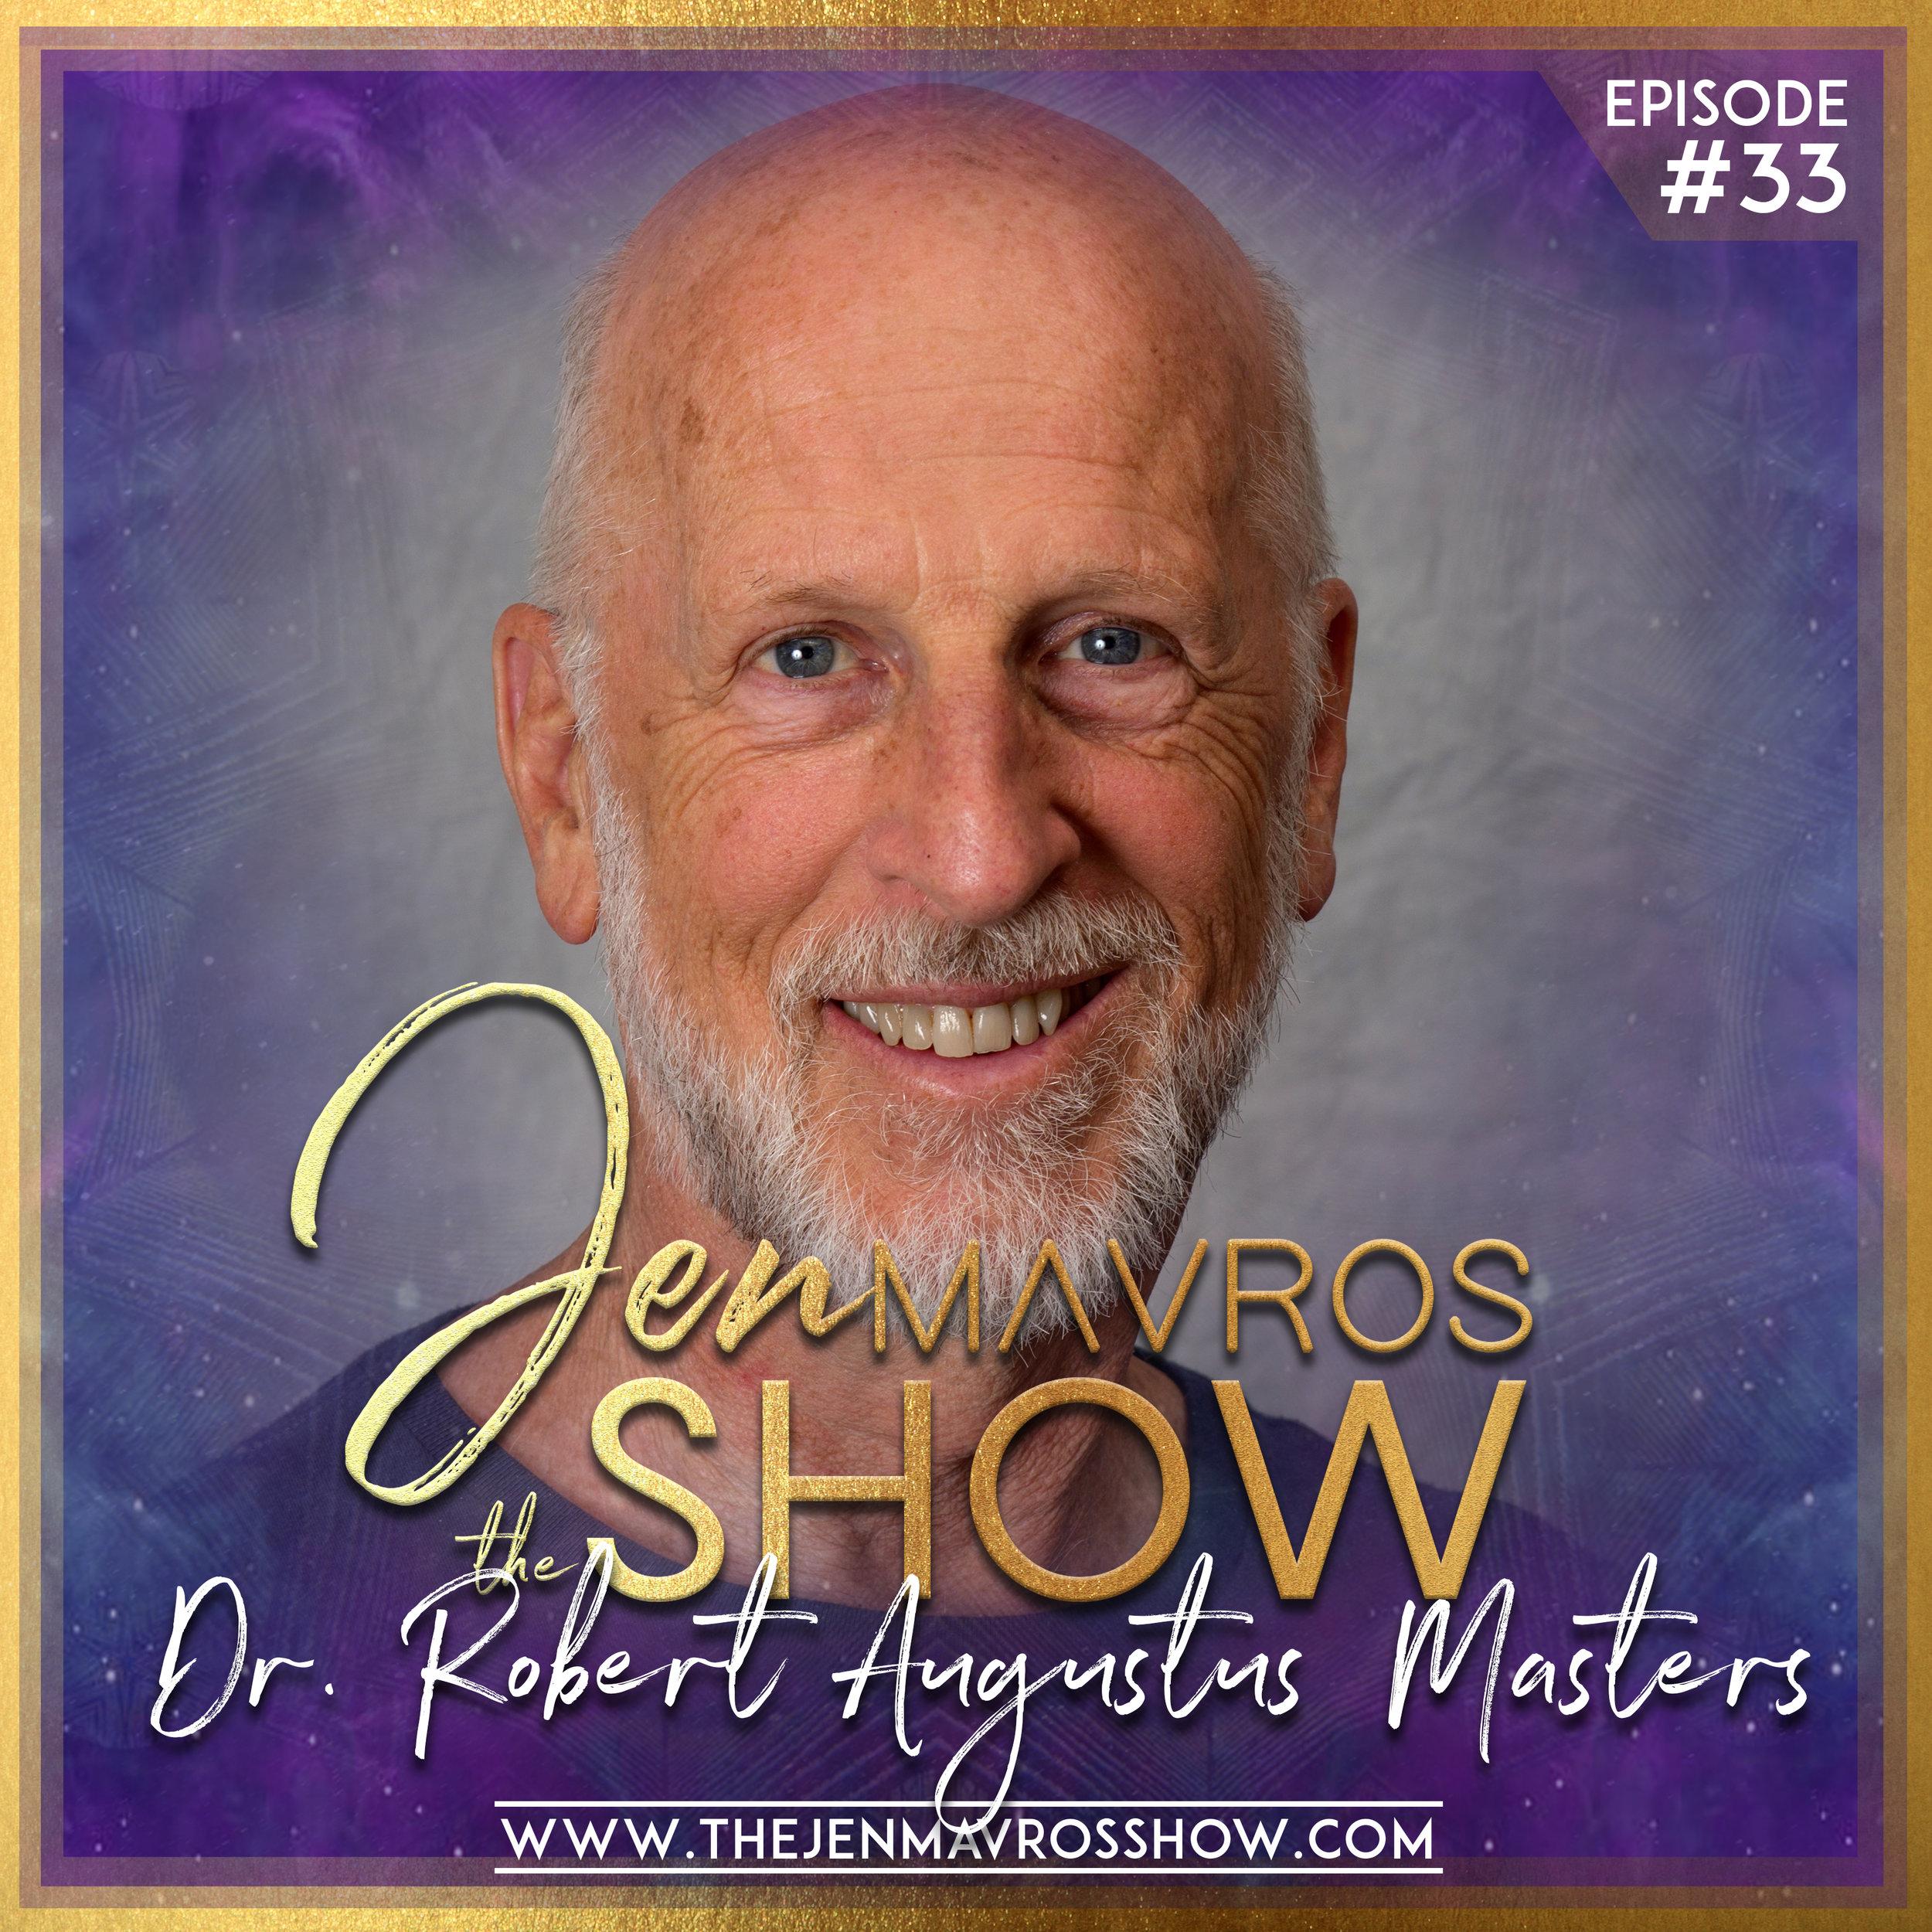 Dr_Robert_Augustus_Masters_Ep_33.jpg